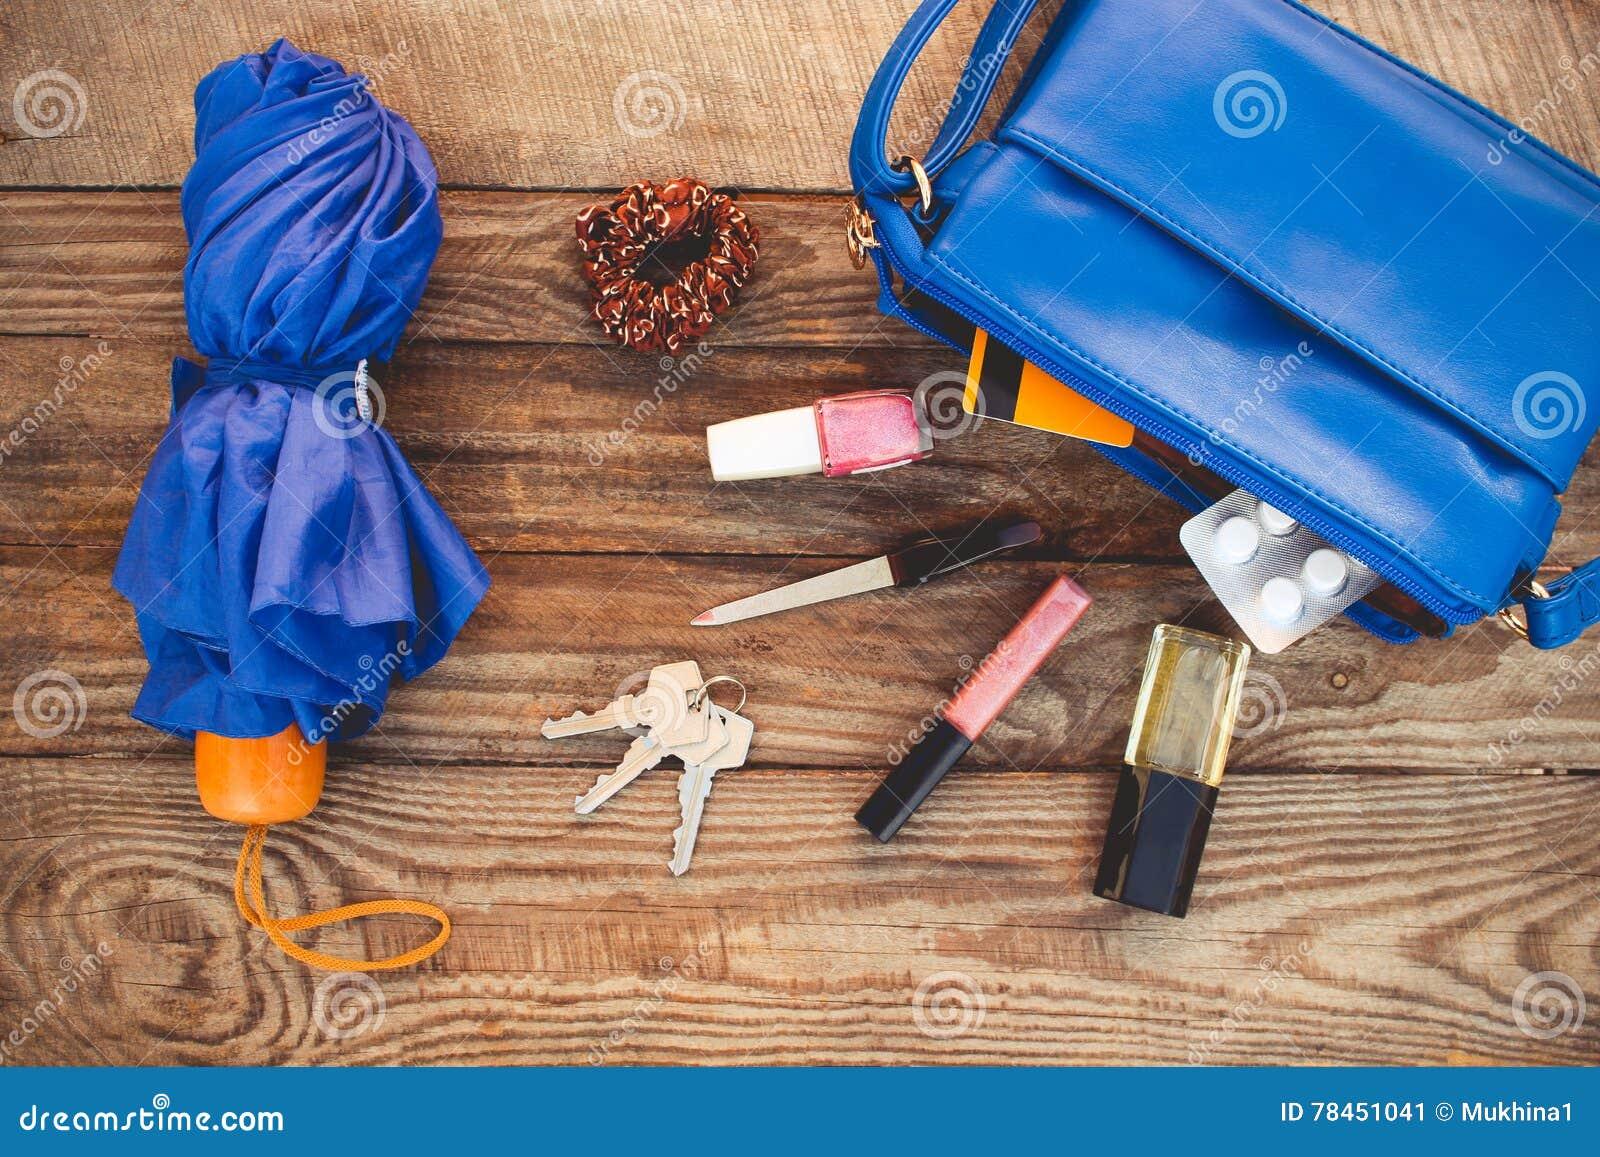 Monedero azul, paraguas y accesorios para mujer